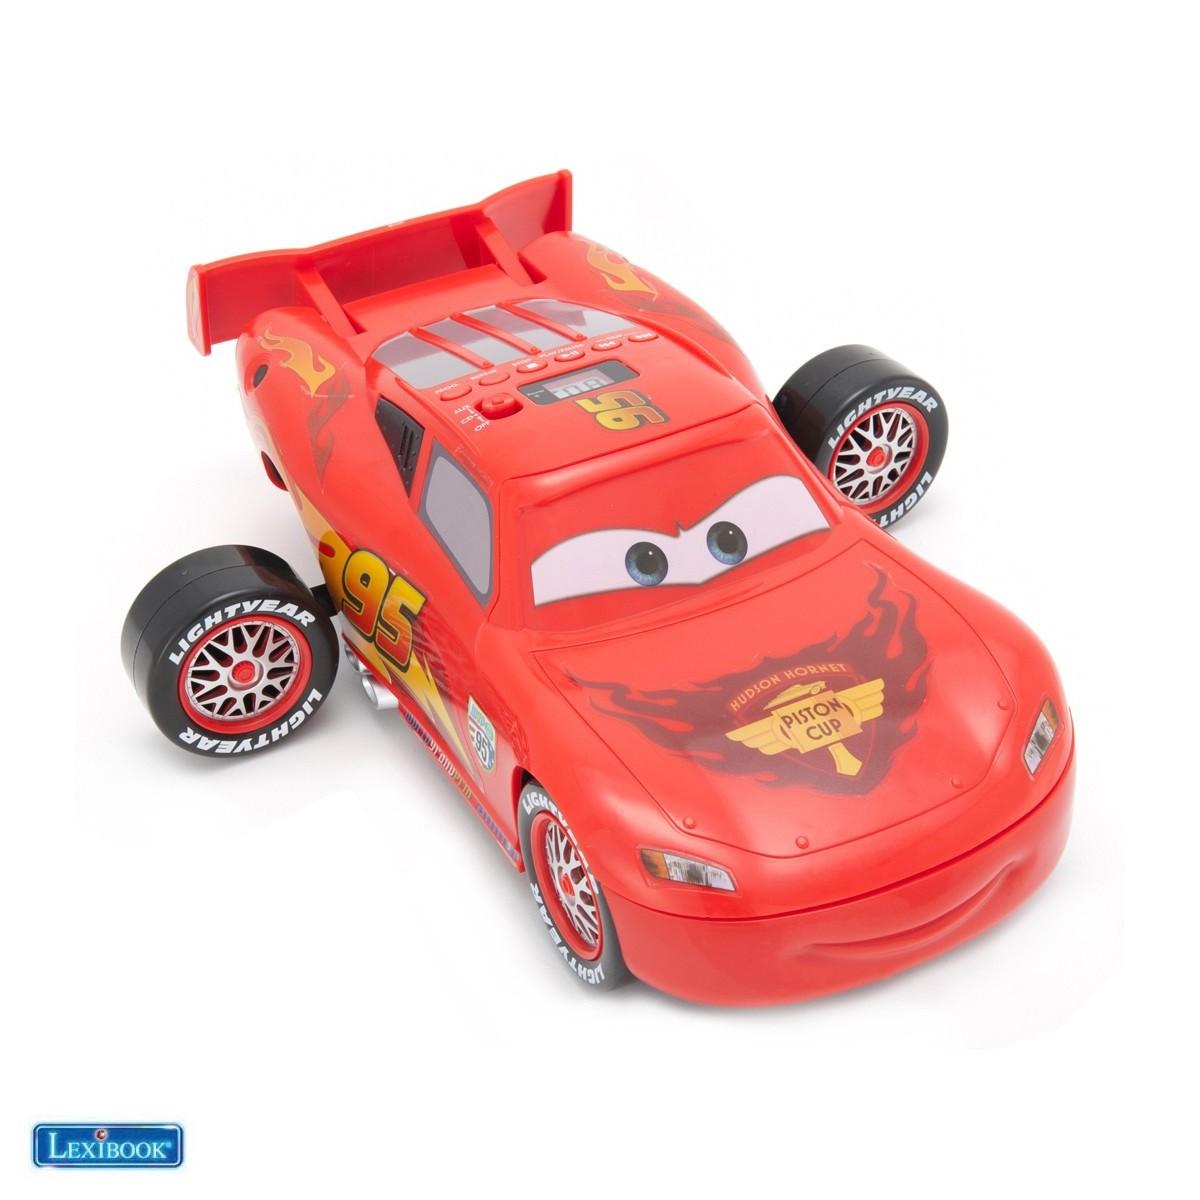 Lecteur CD Disney Cars - Lexibook